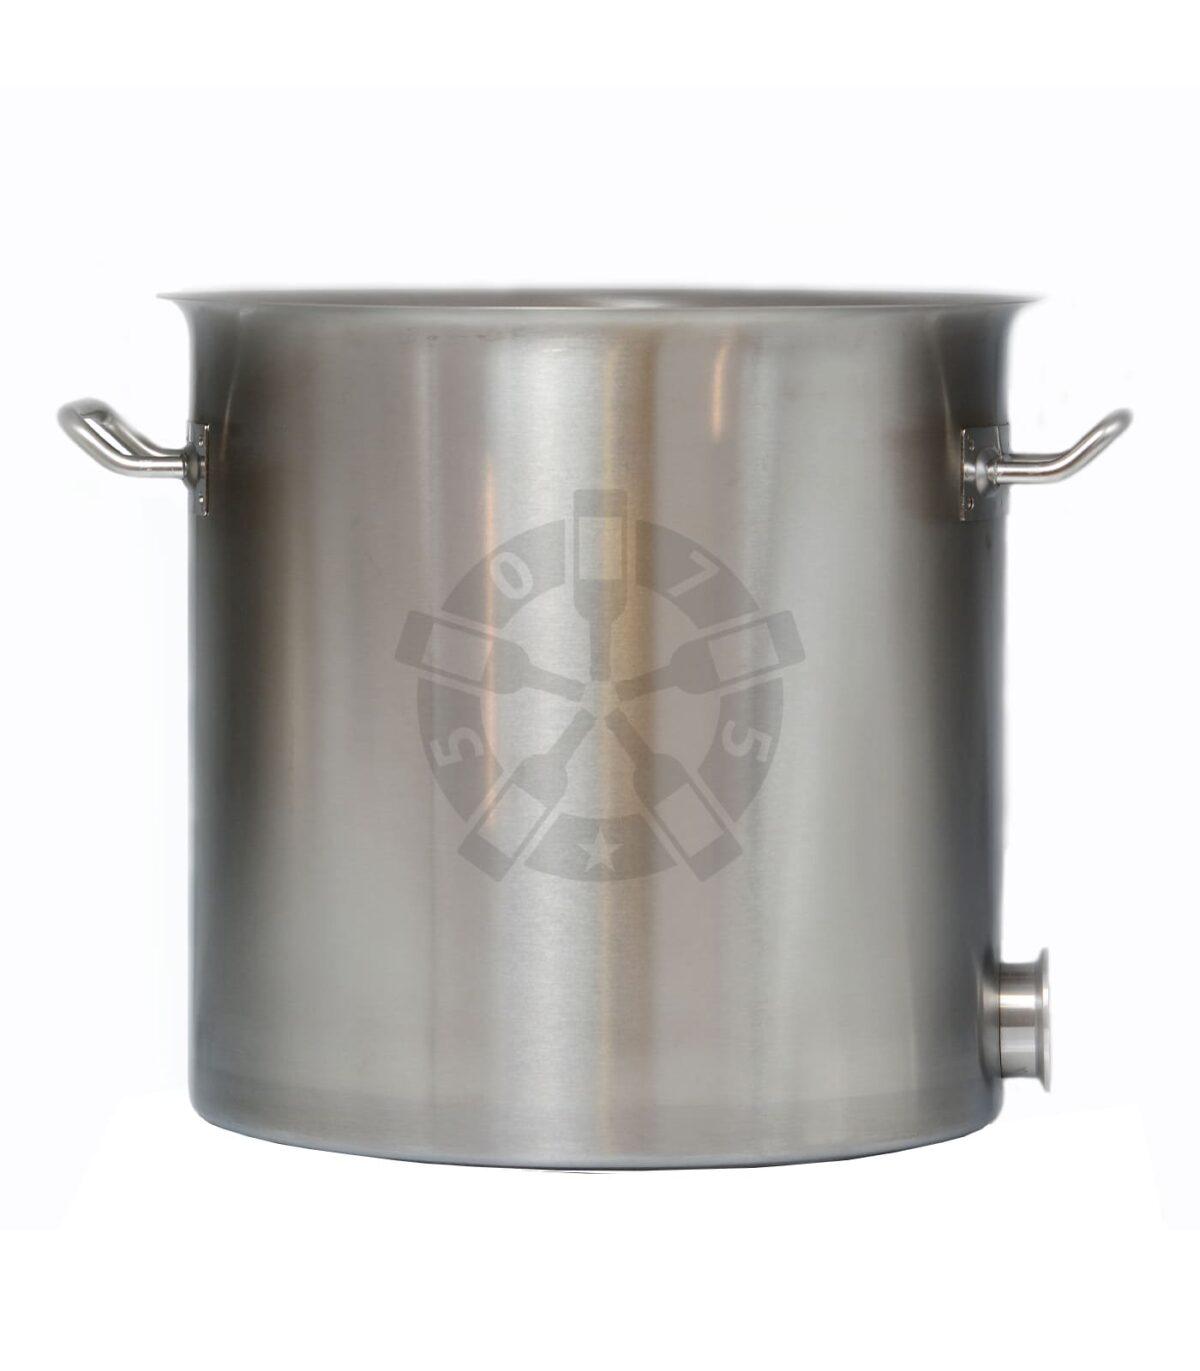 Куб 20 л - 304 сталь, без крышки + муфта под кран + выход под ТЭН